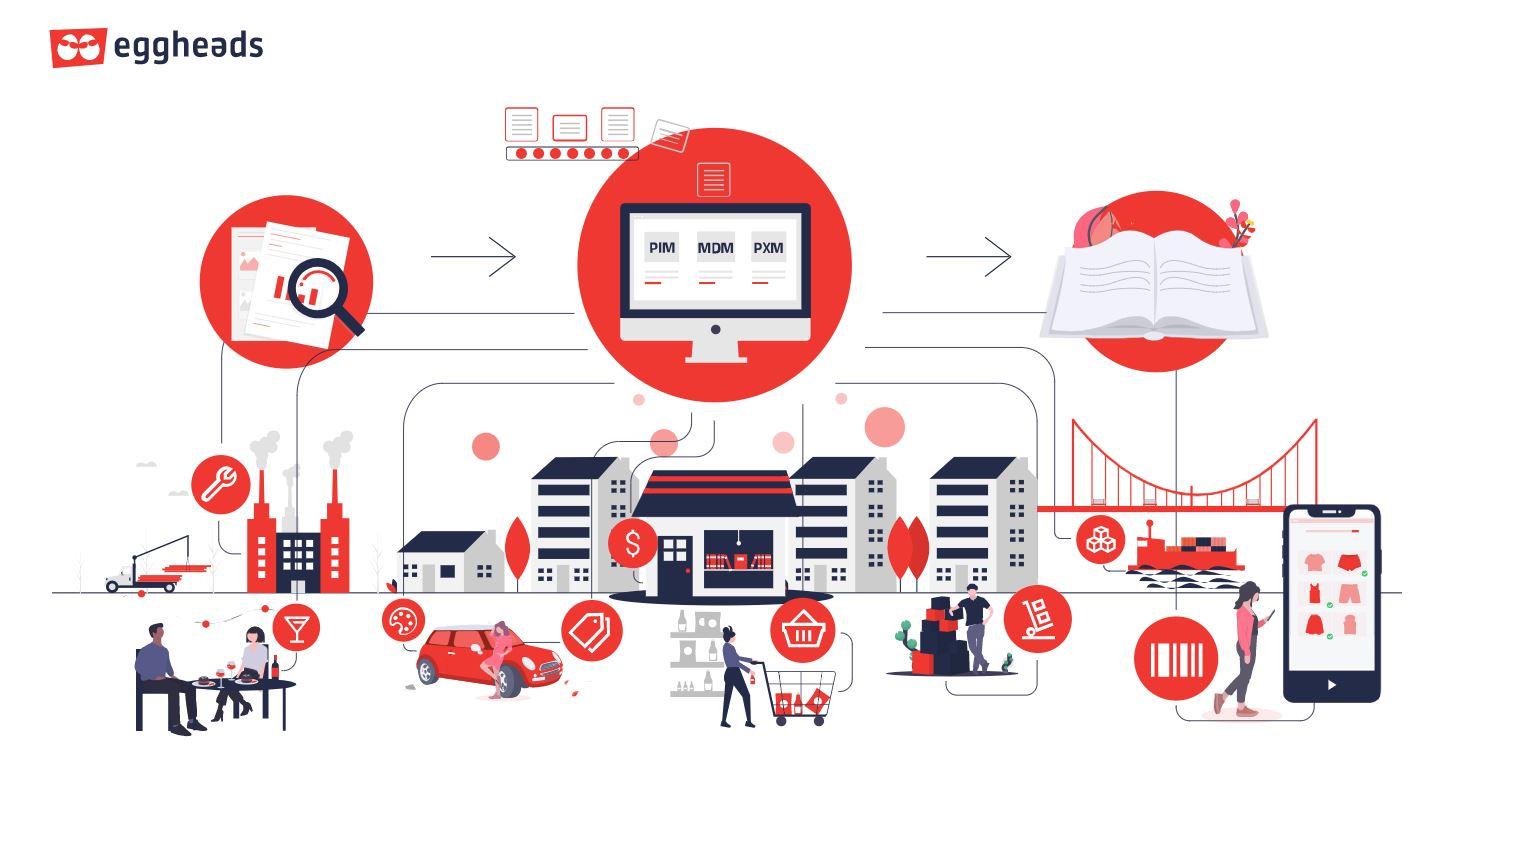 Produkterlebnisse schaffen und damit Ihre Kundenbindung stärken